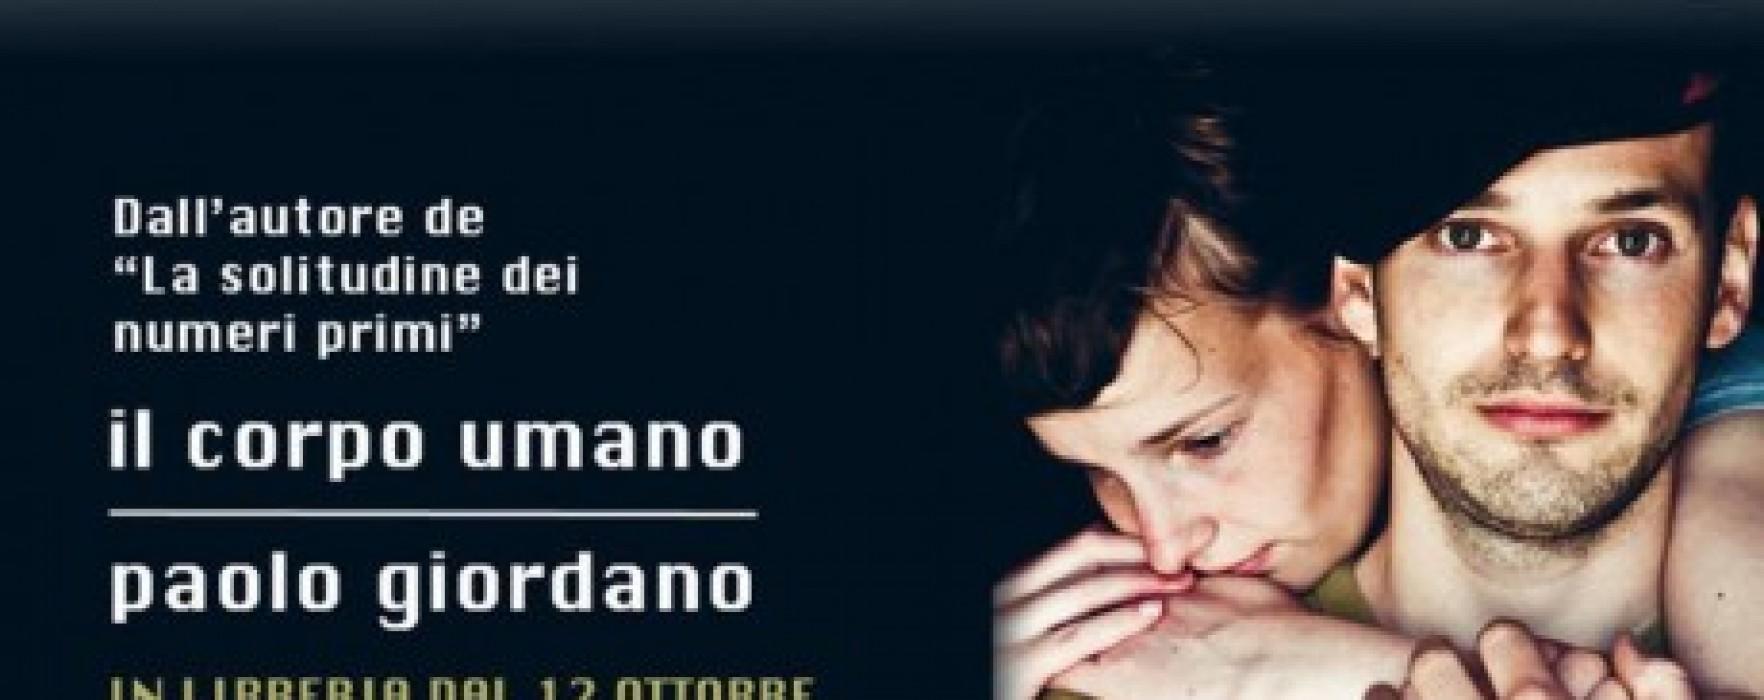 Il corpo umano di Paolo Giordano